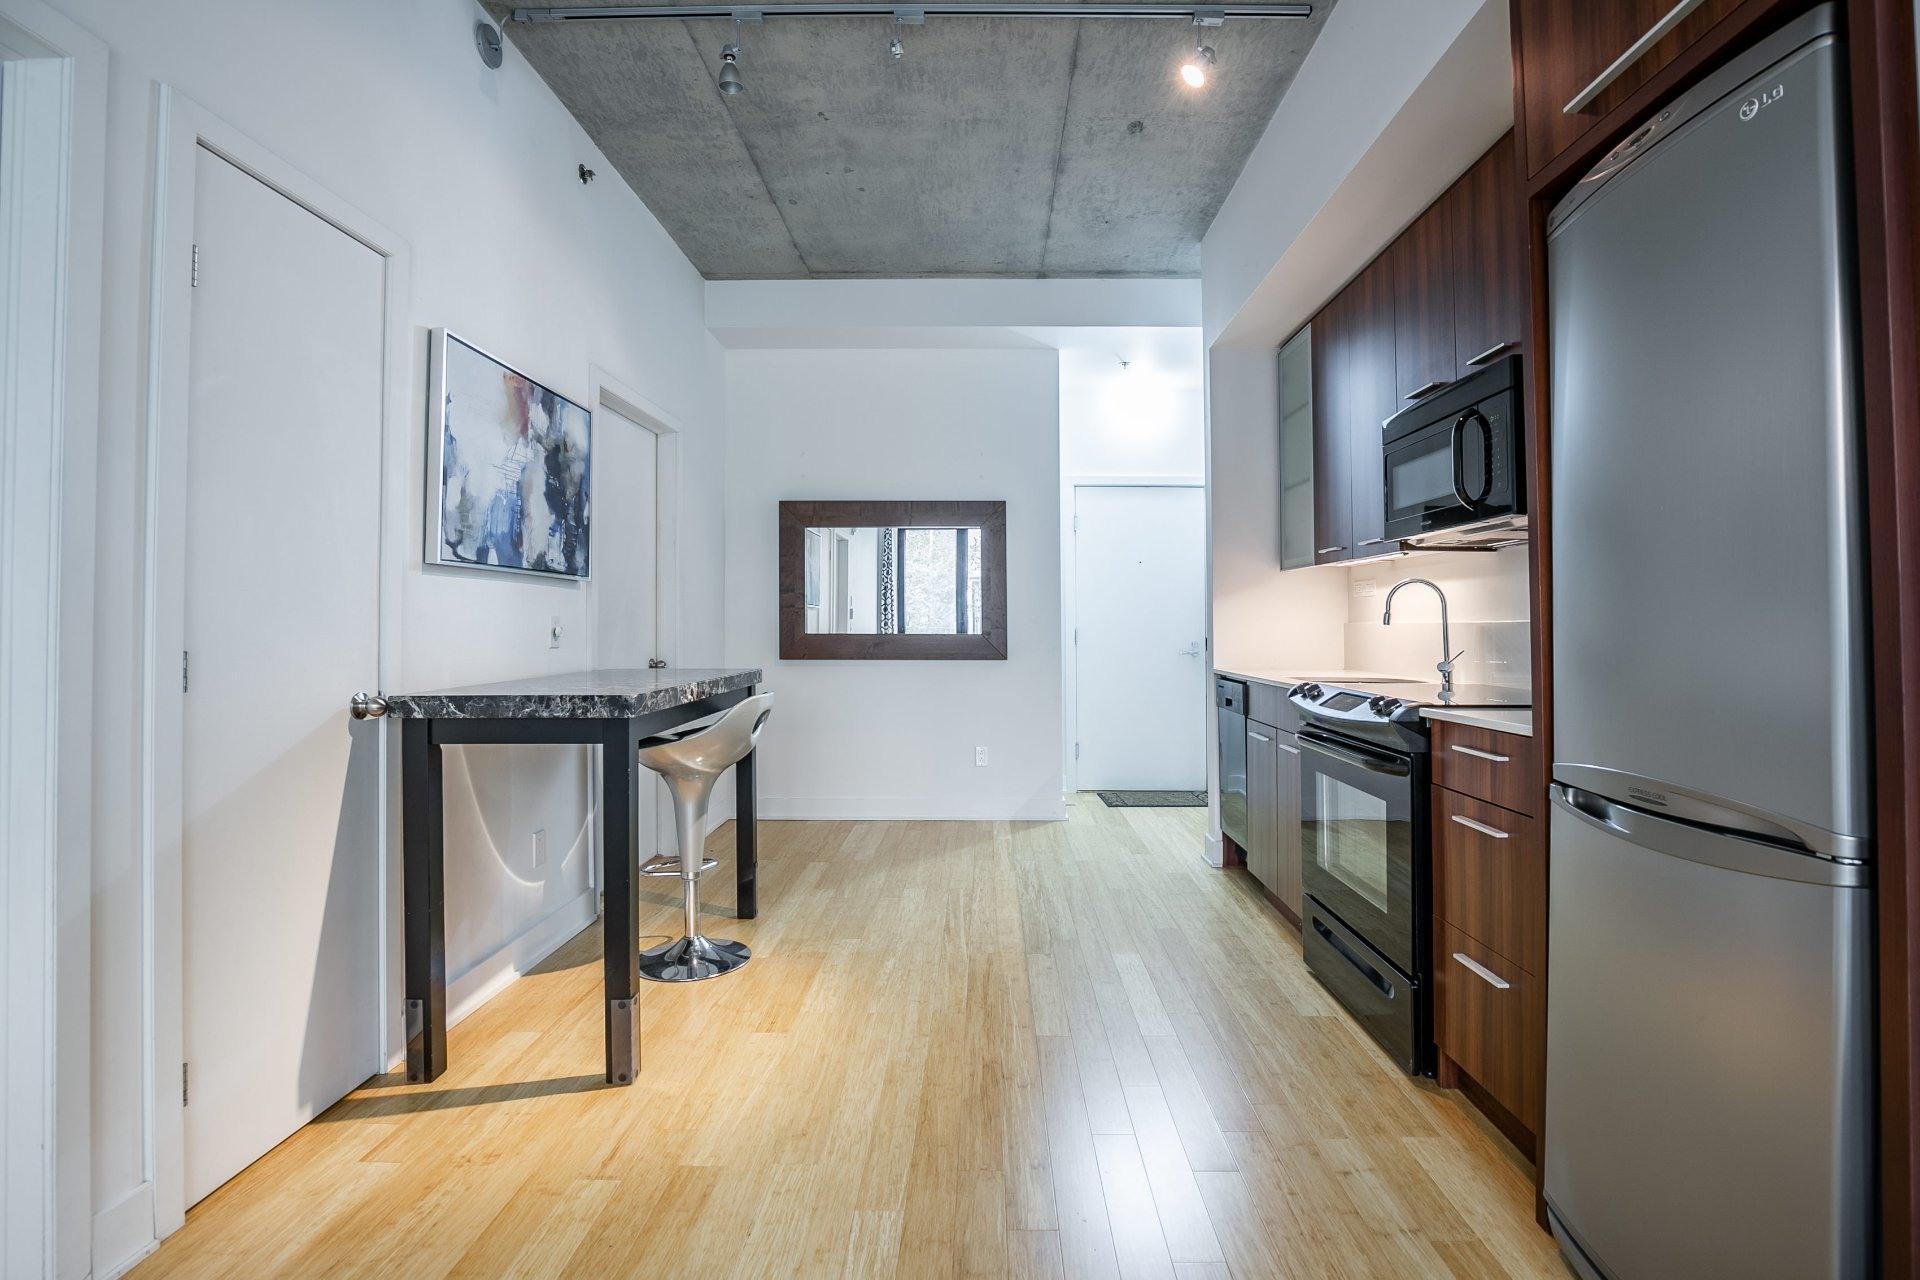 image 7 - Appartement À vendre Le Sud-Ouest Montréal  - 4 pièces